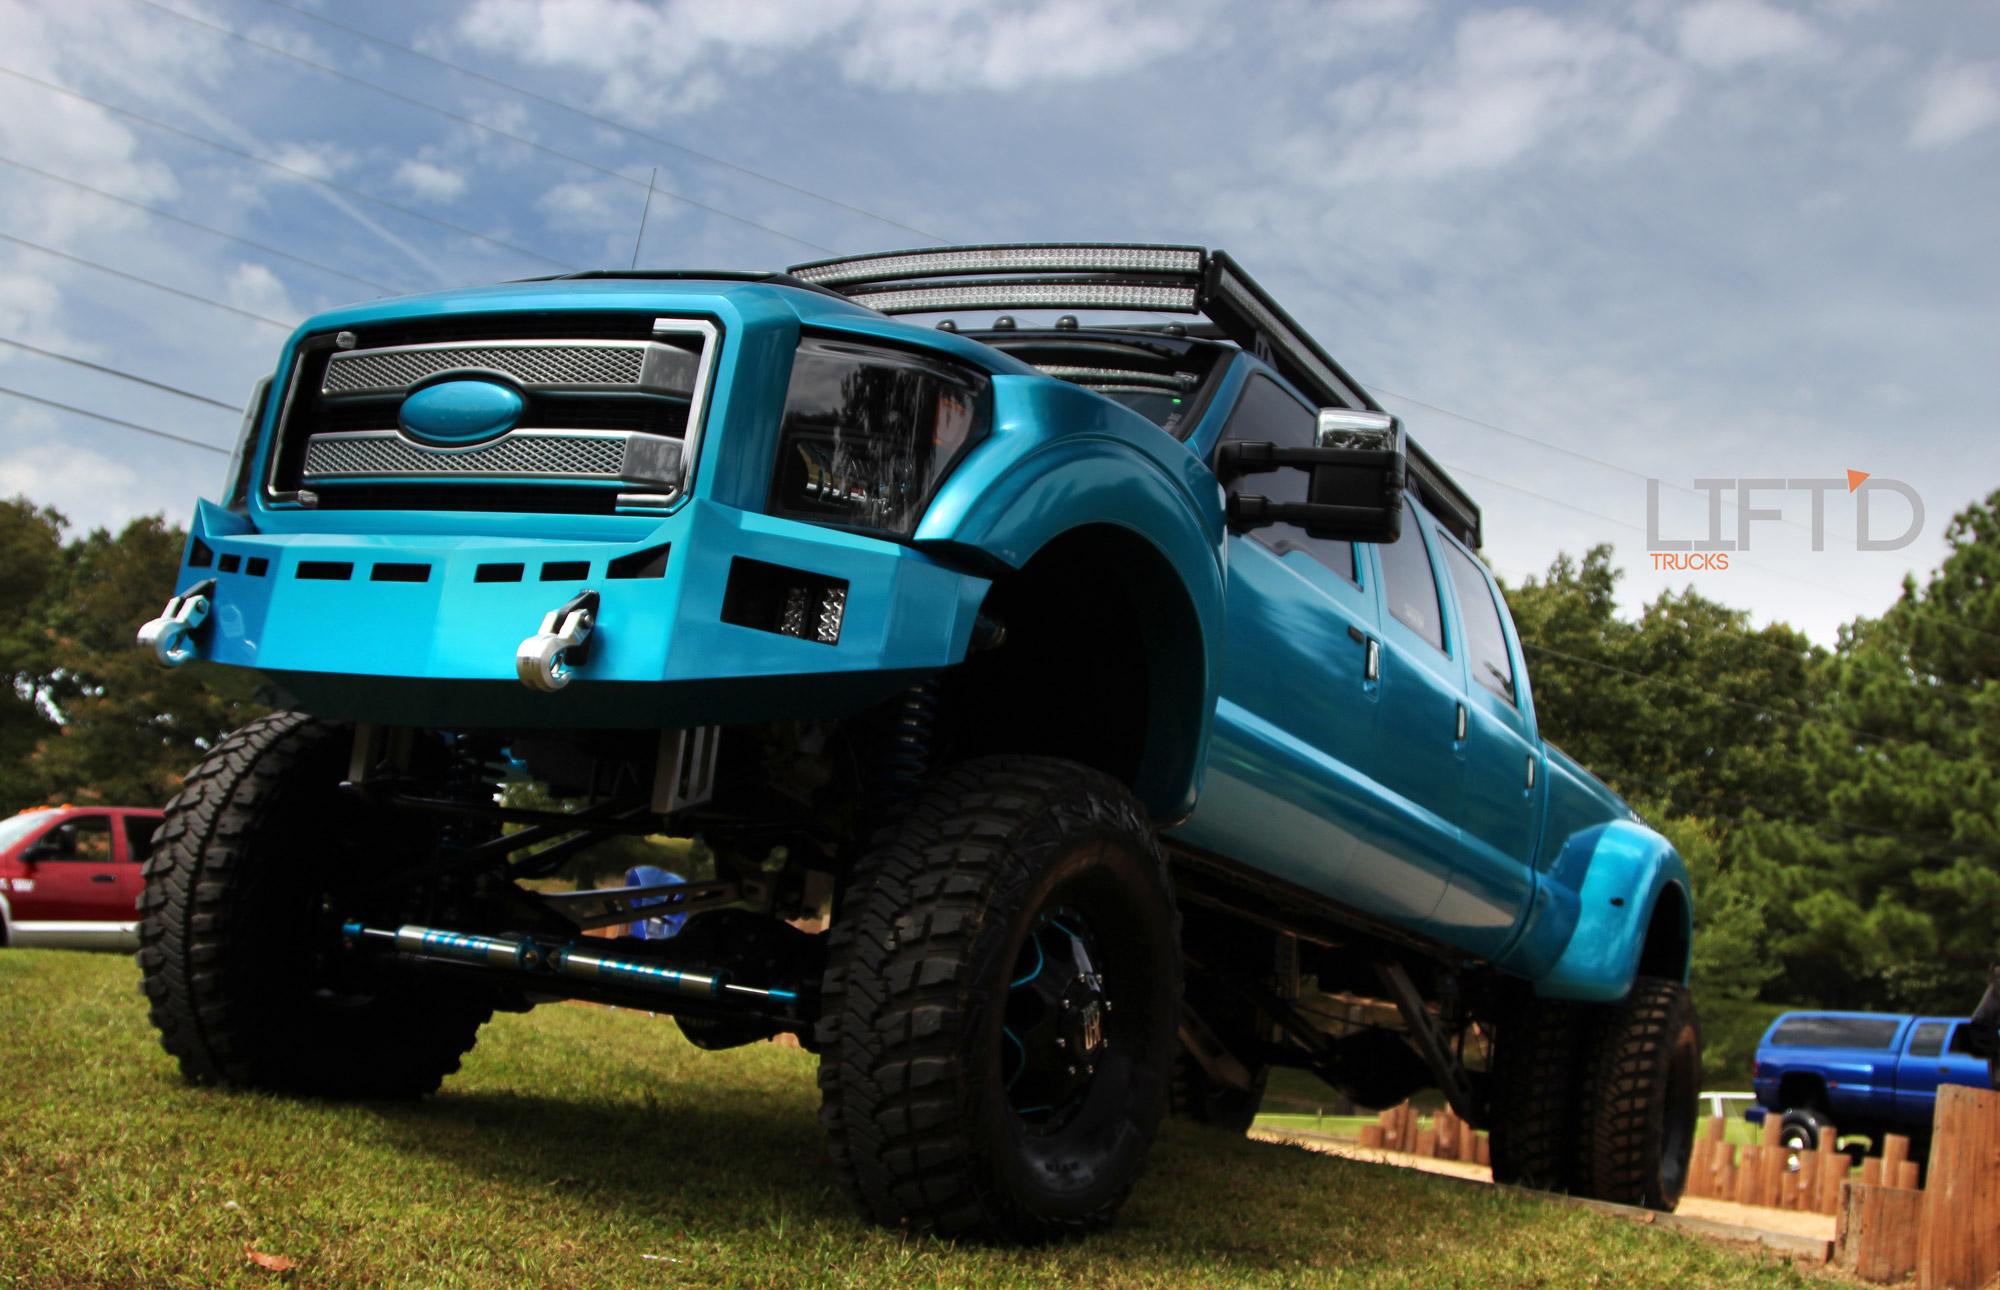 LIFTD-TruckNat-54